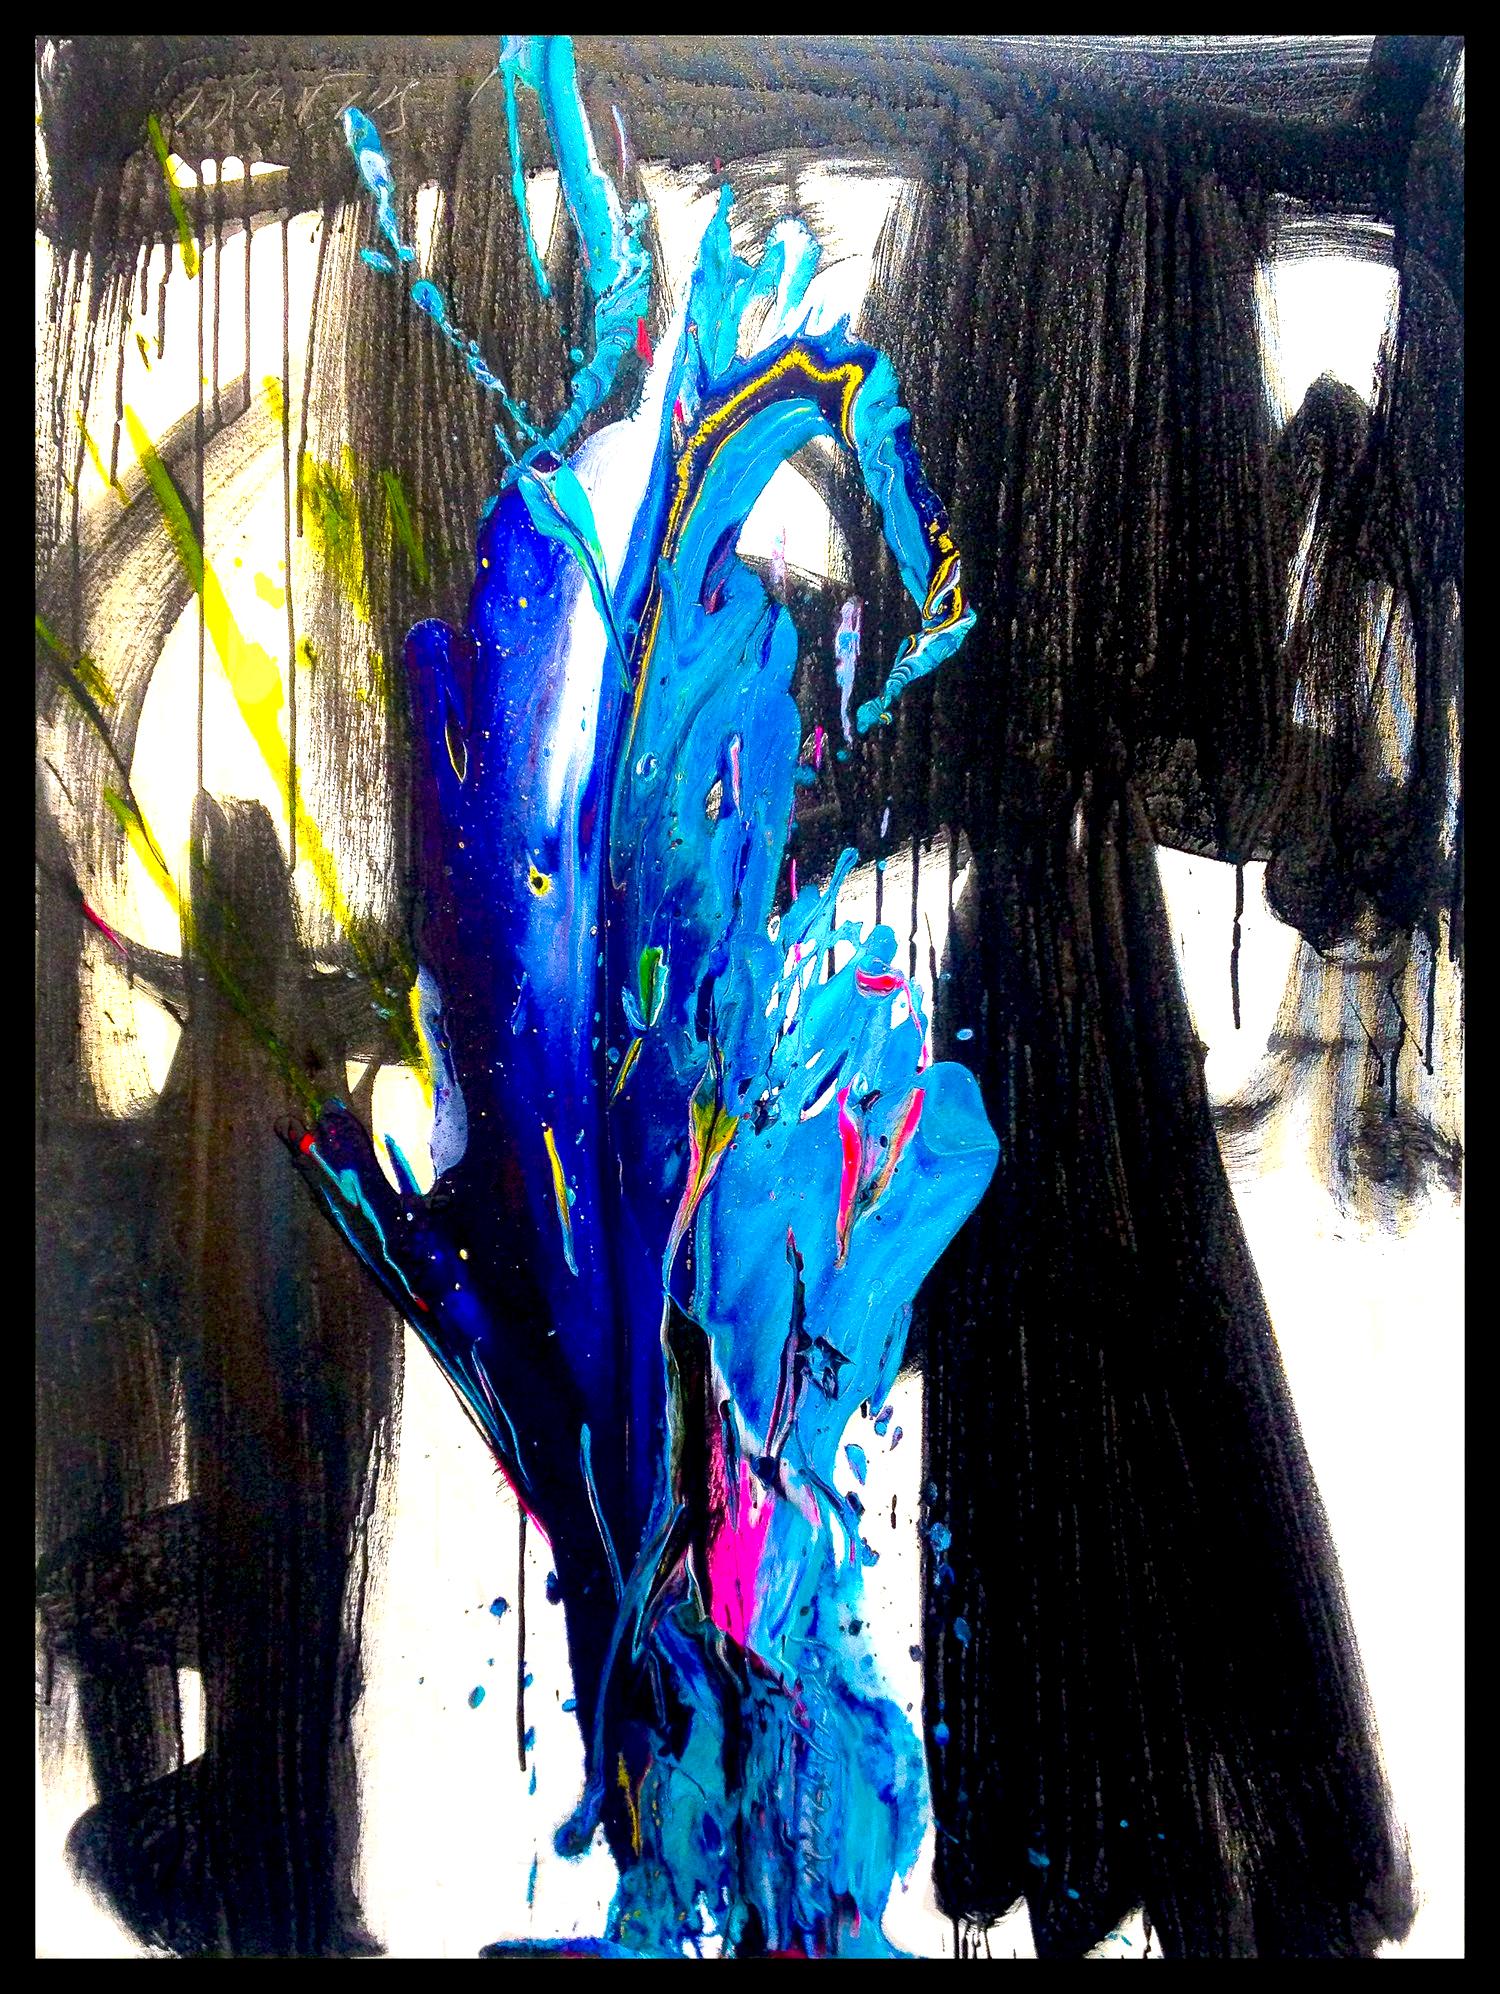 """SP2#132, 2018, acrylic on canvas, 48"""" x 36"""" (122 x 91.4 cm)"""